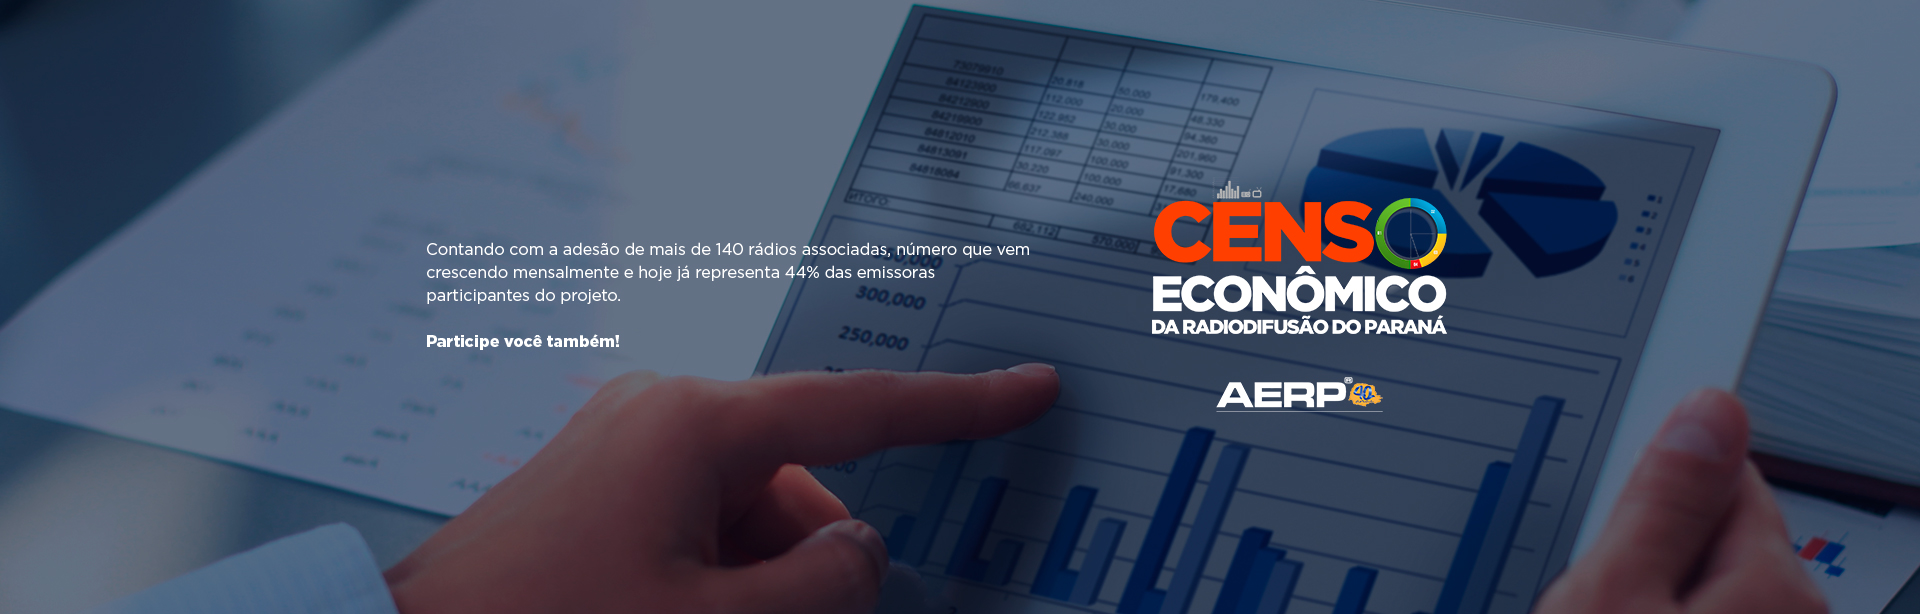 banner-censo-economico-tamanho-ajustado